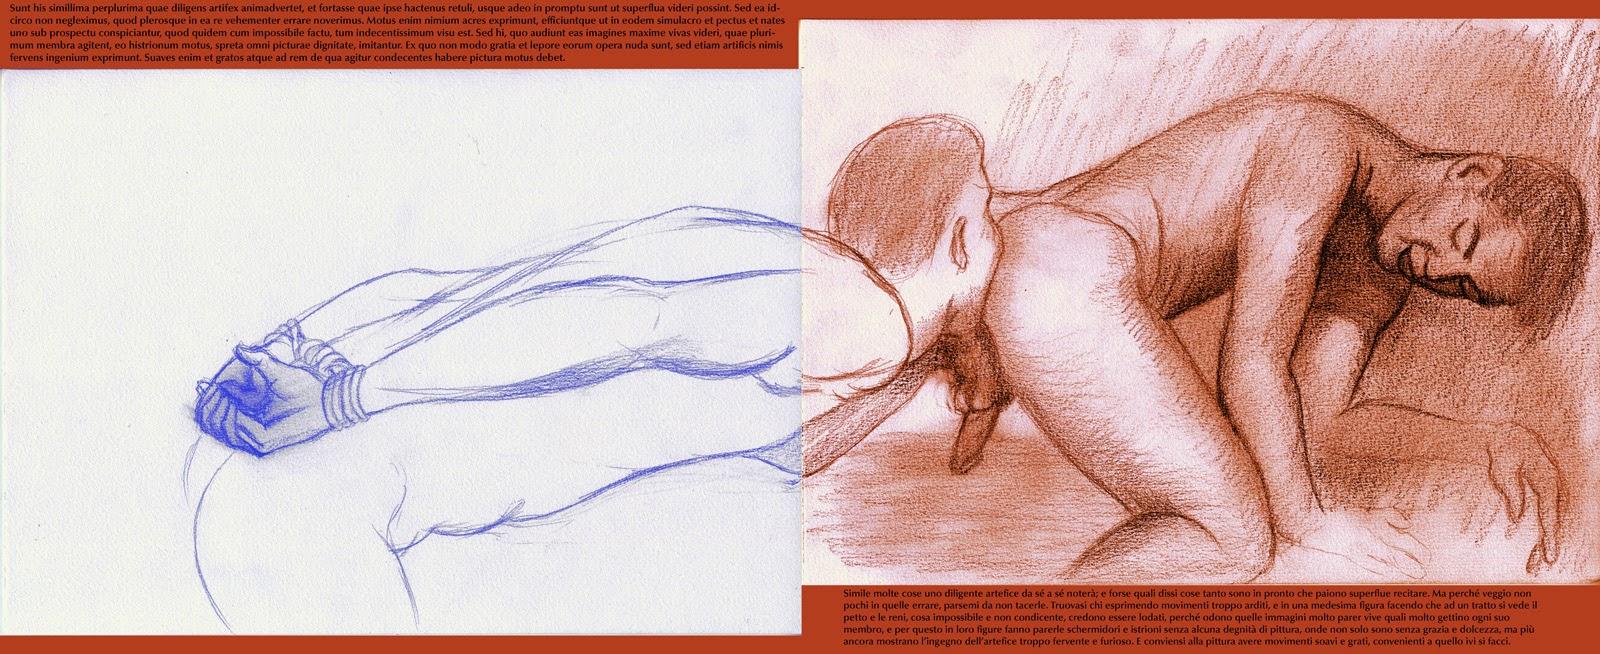 dessin pornographique anilingus gay